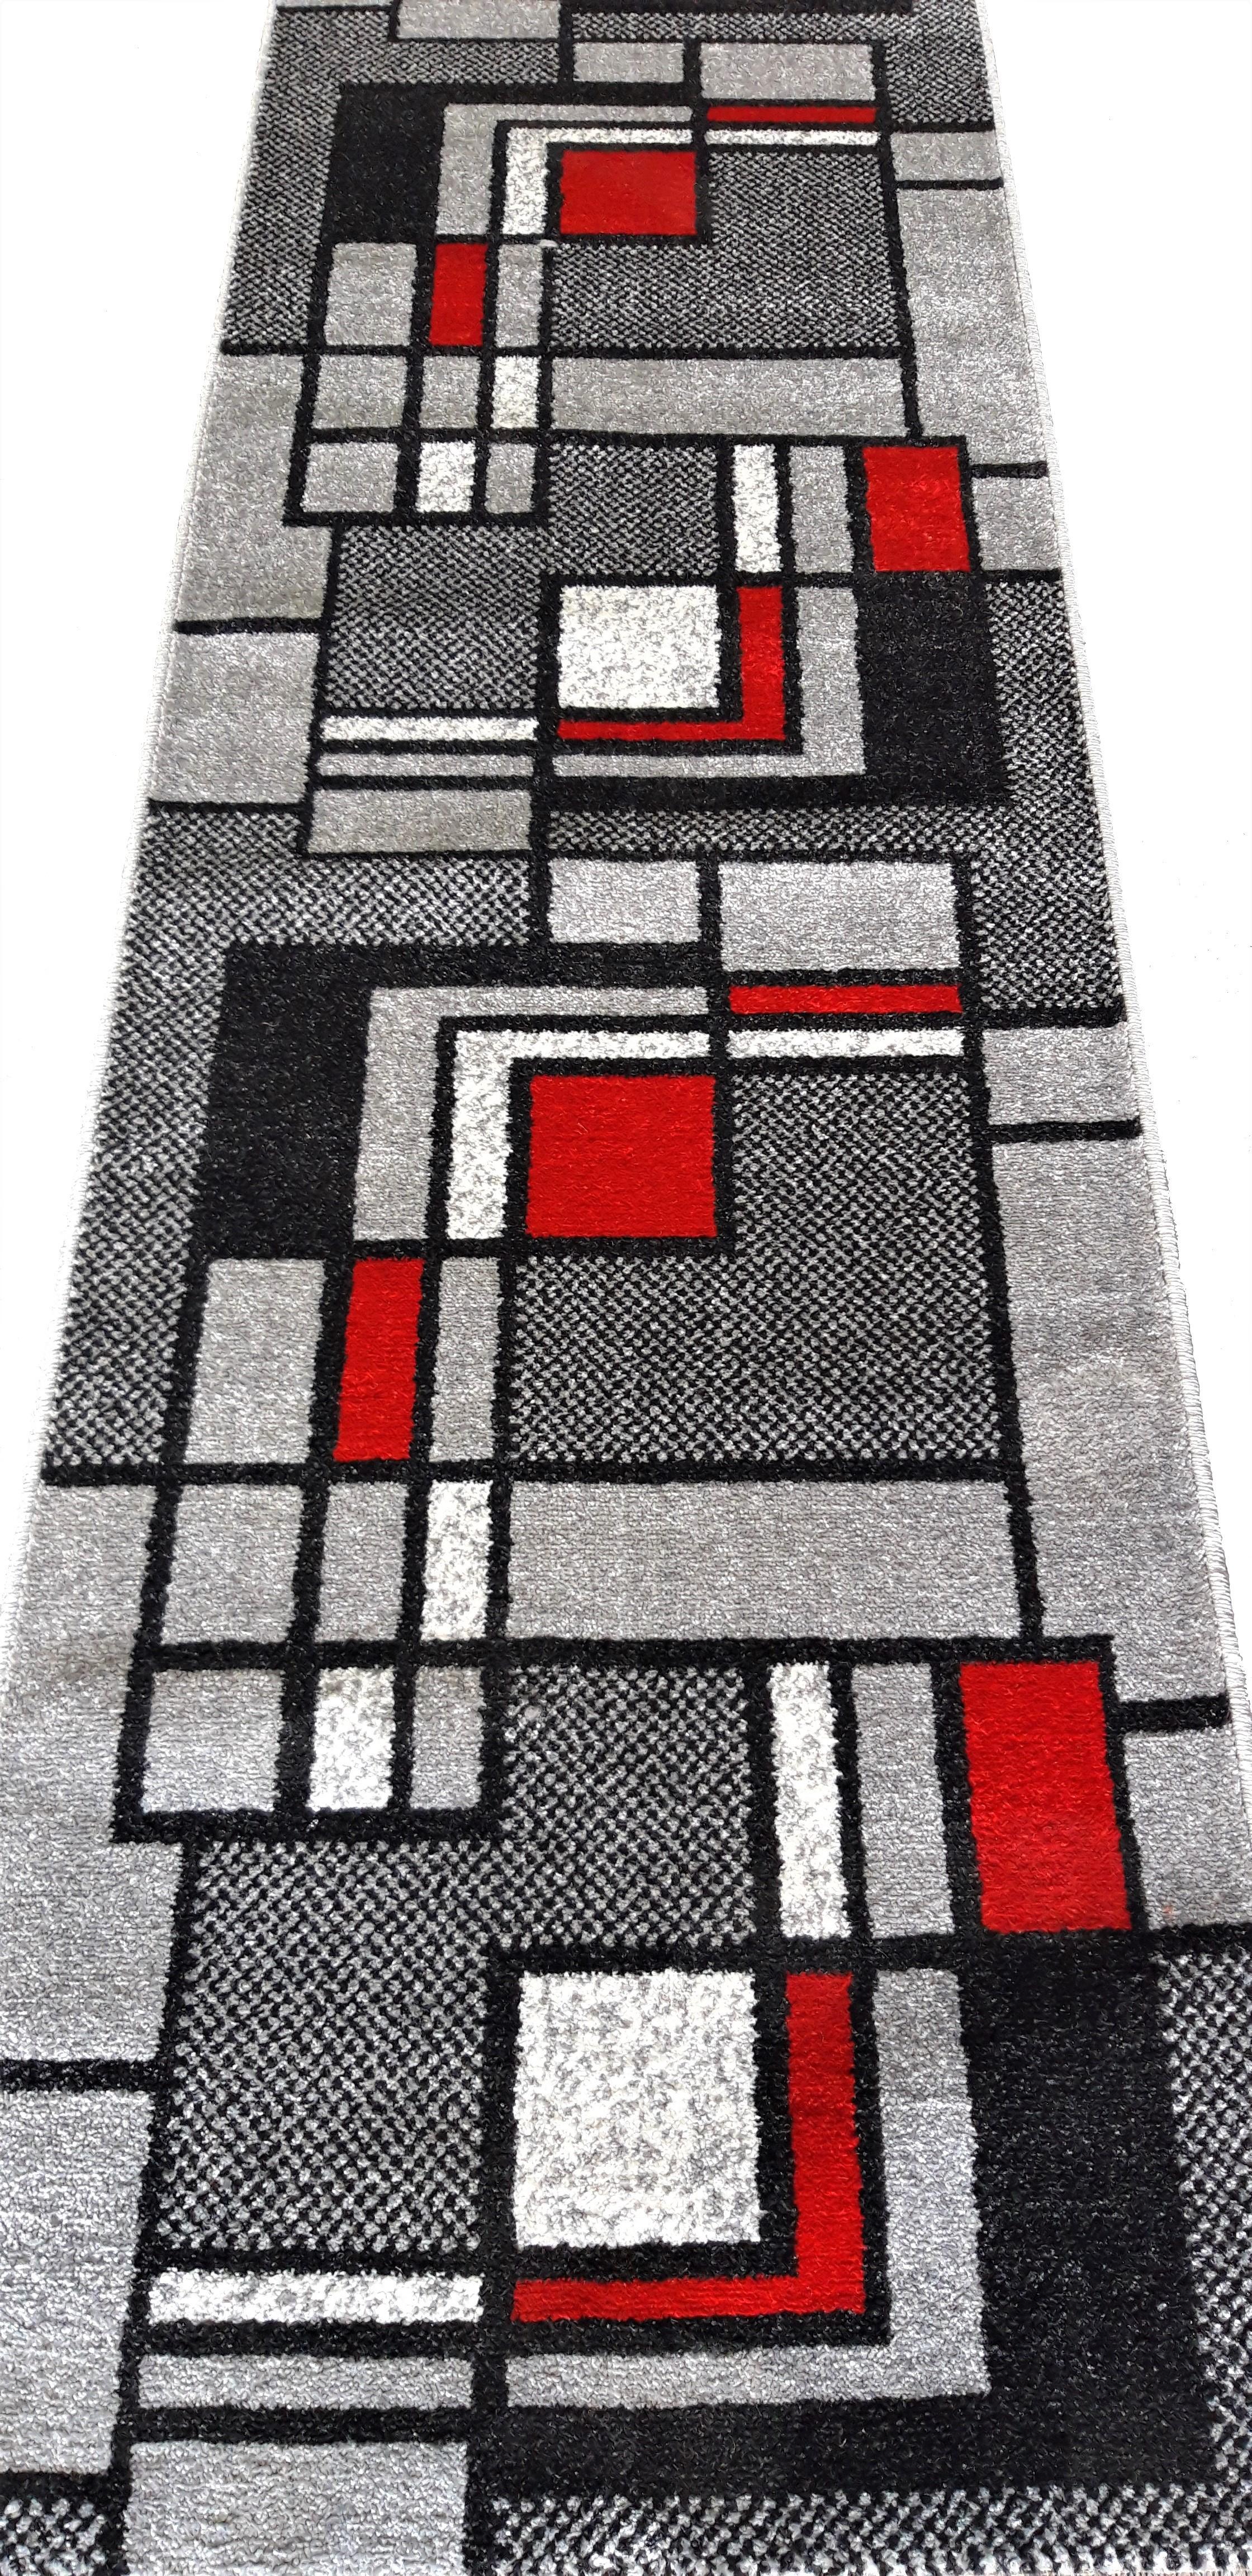 Traversa Covor, Cappuccino 16406, Multicolor, 60x1000 cm, 1700 gr/mp 0